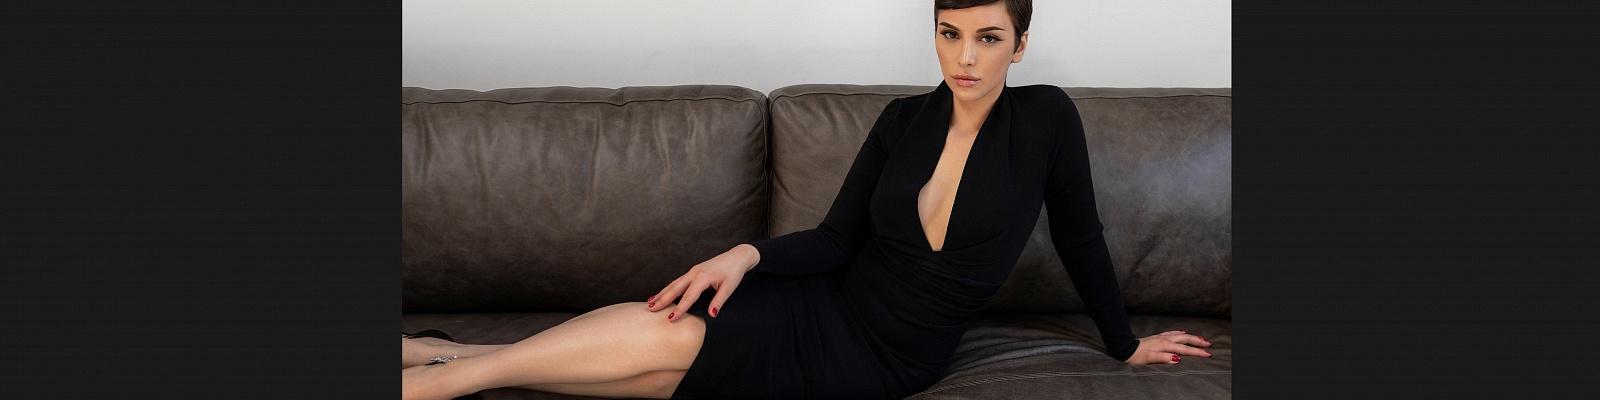 Ada Mahr's Cover Photo